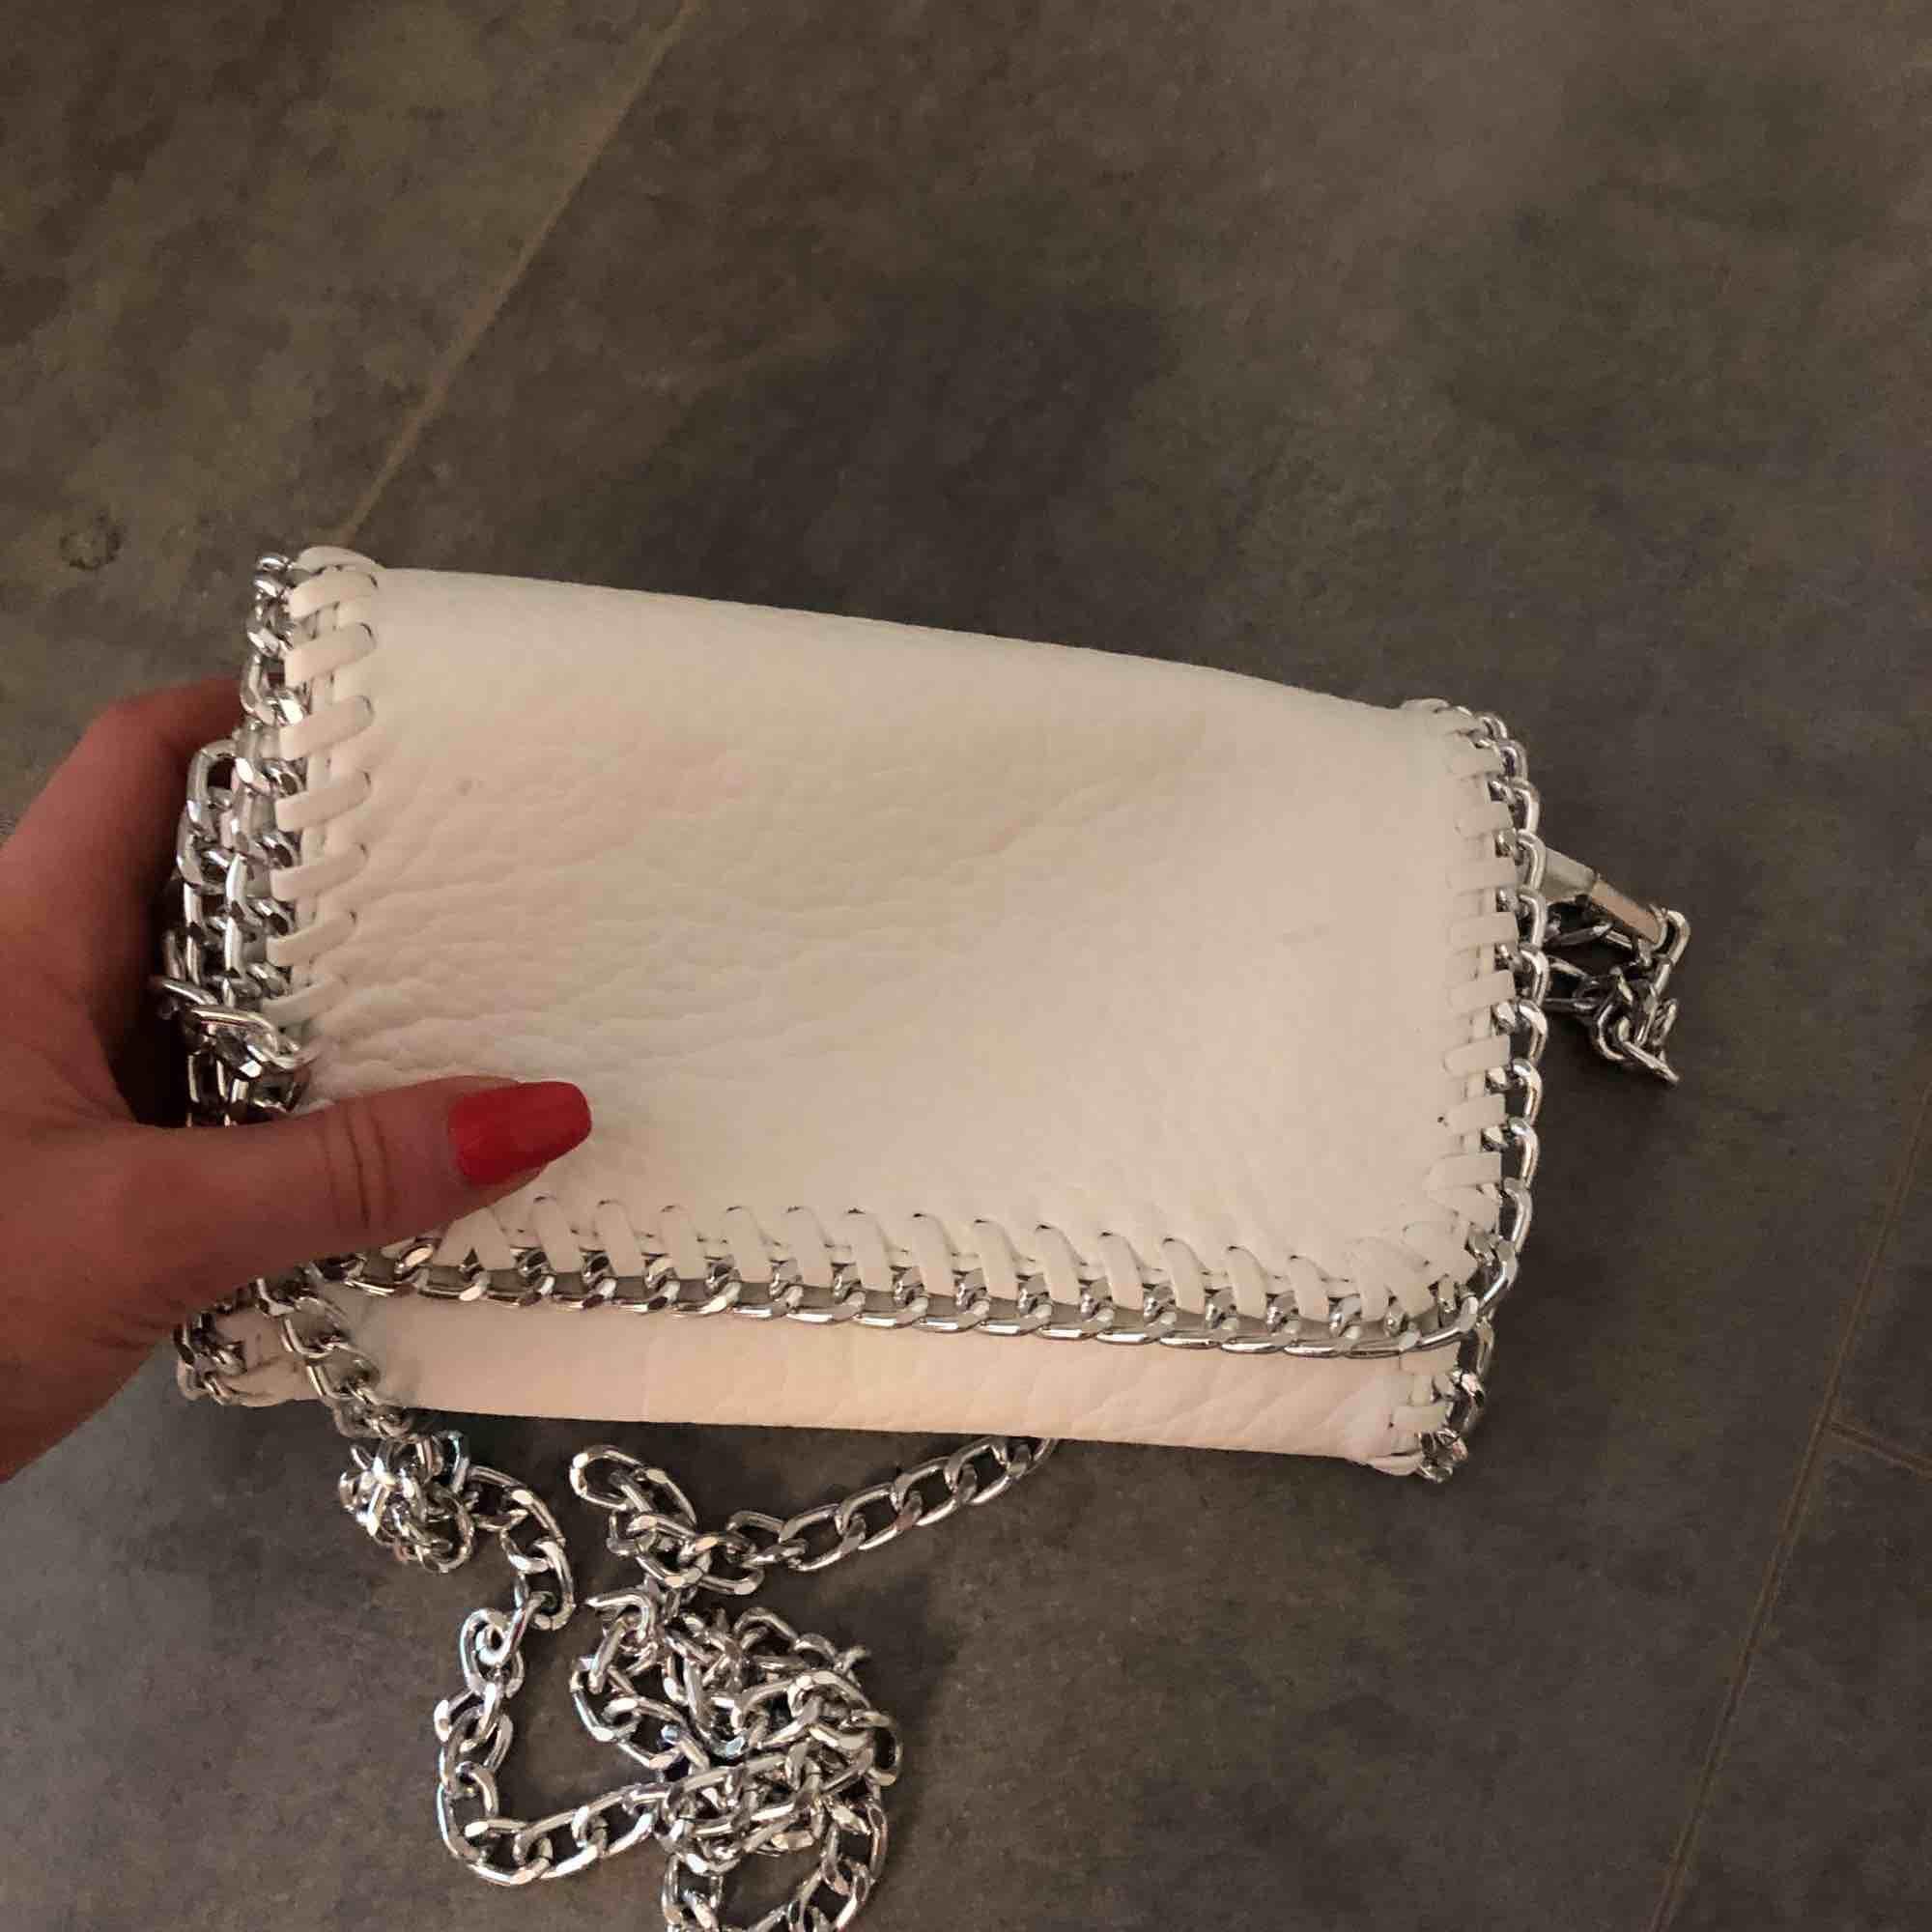 Vit liten väska  Ca 20X15 cm. Accessoarer.